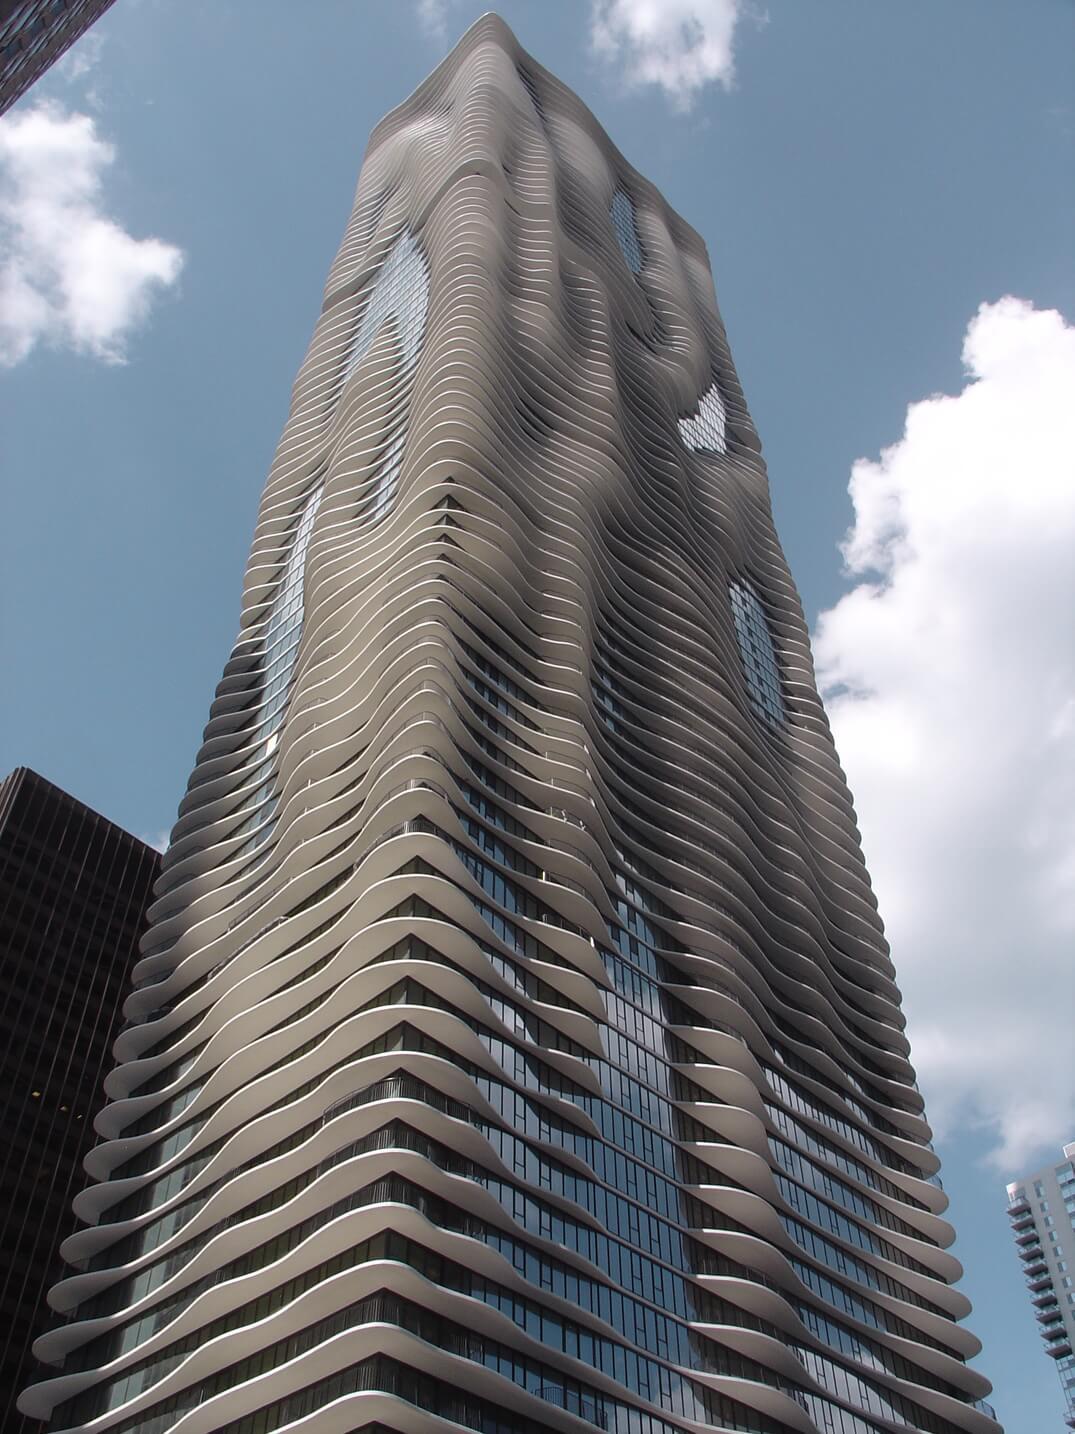 Best website to find rentals Chicago - Aqua Chicago